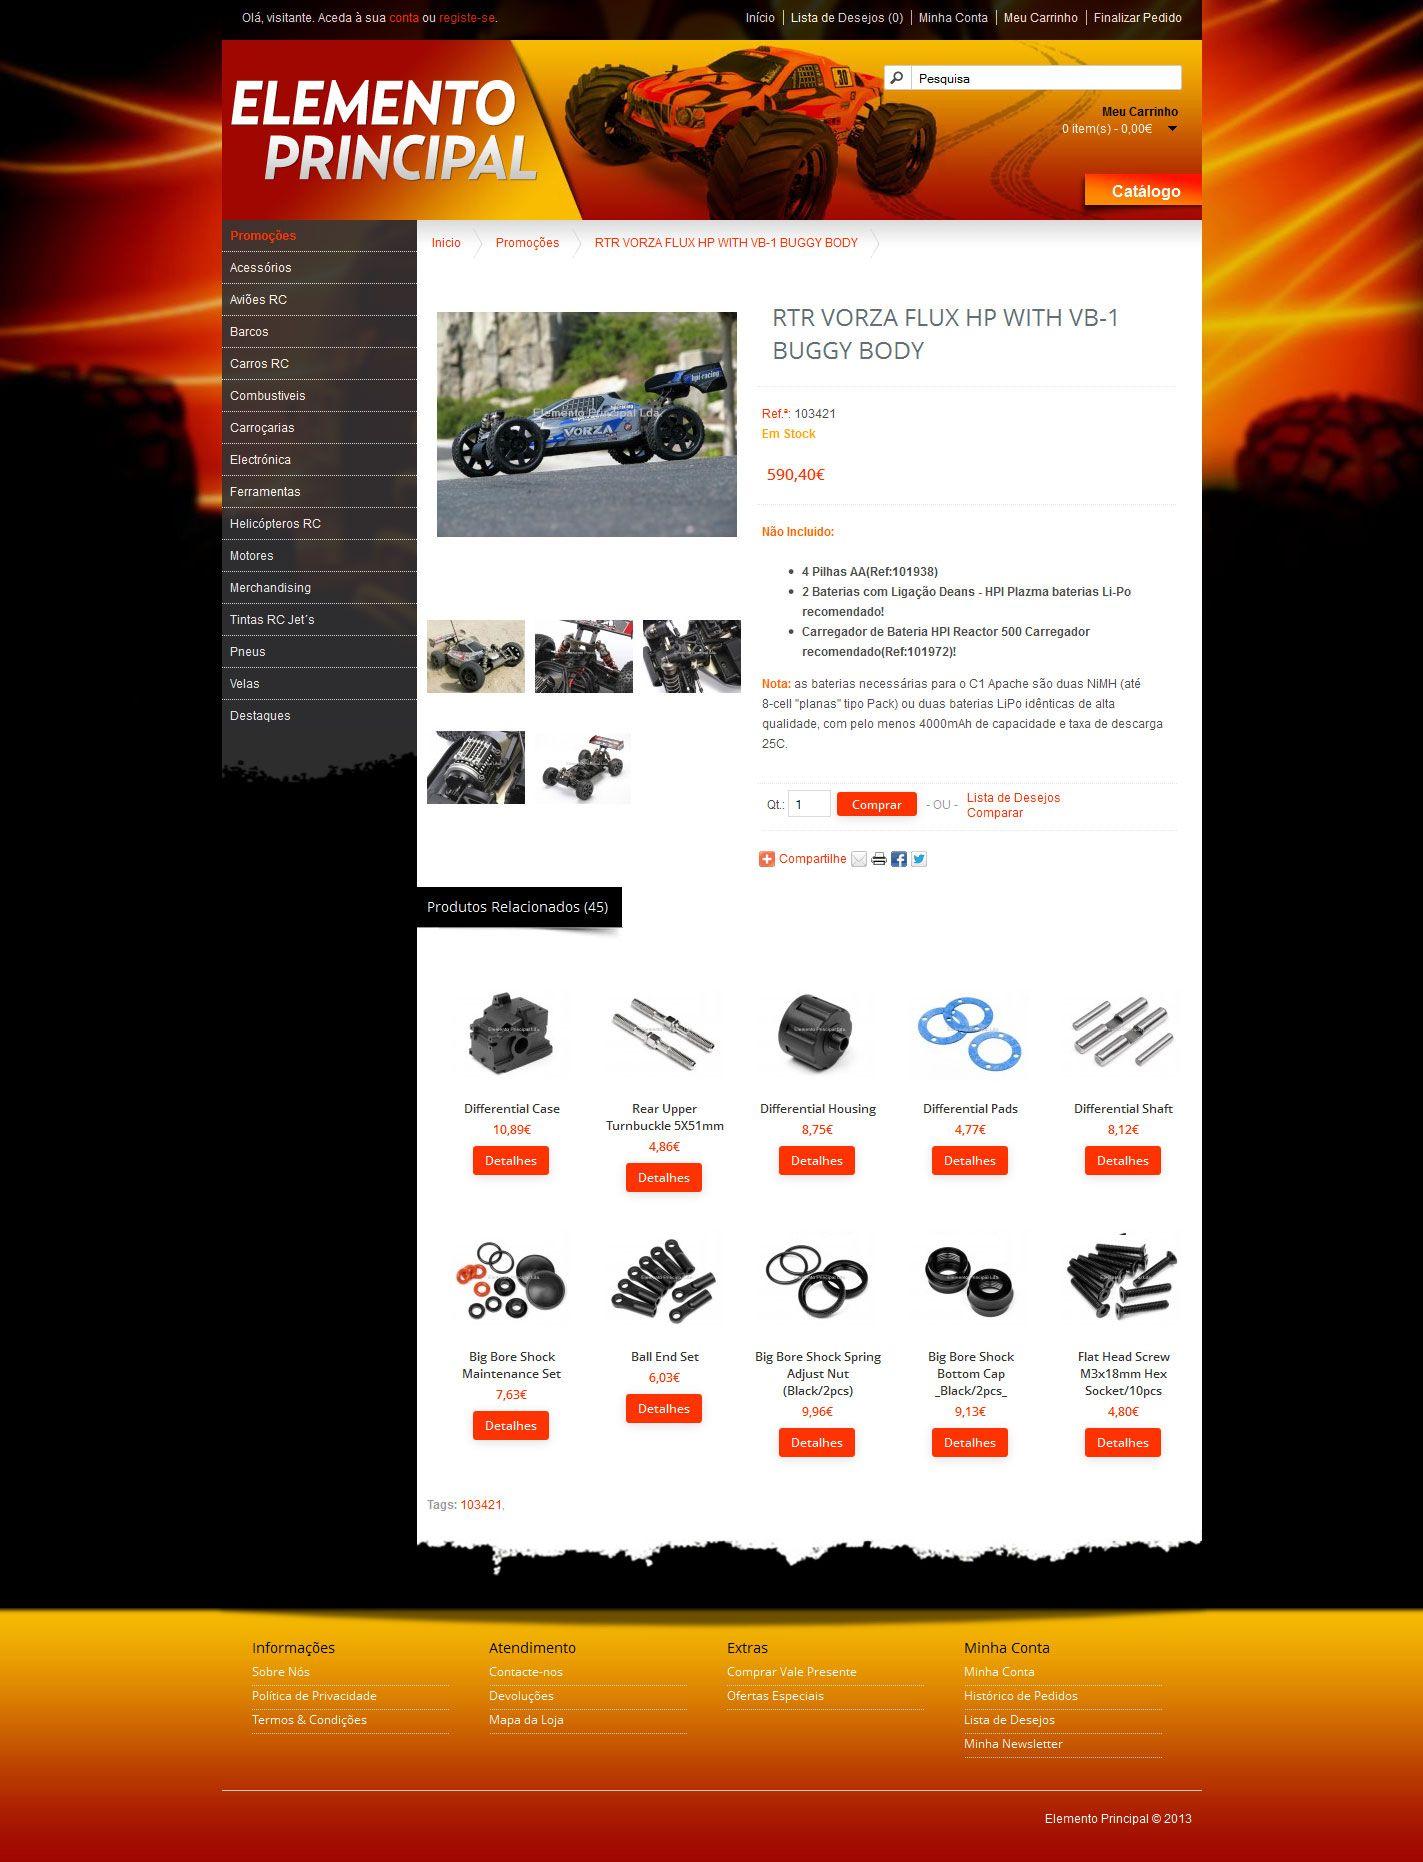 Elemento Principal   Alcanena   designer Vitor Neves - Freelancer, Design Gráfico, Webdesign, Packaging, Imagem Corporativa, Logotipos, Paginação, Flyers, Newsletters, Alojamento Web...